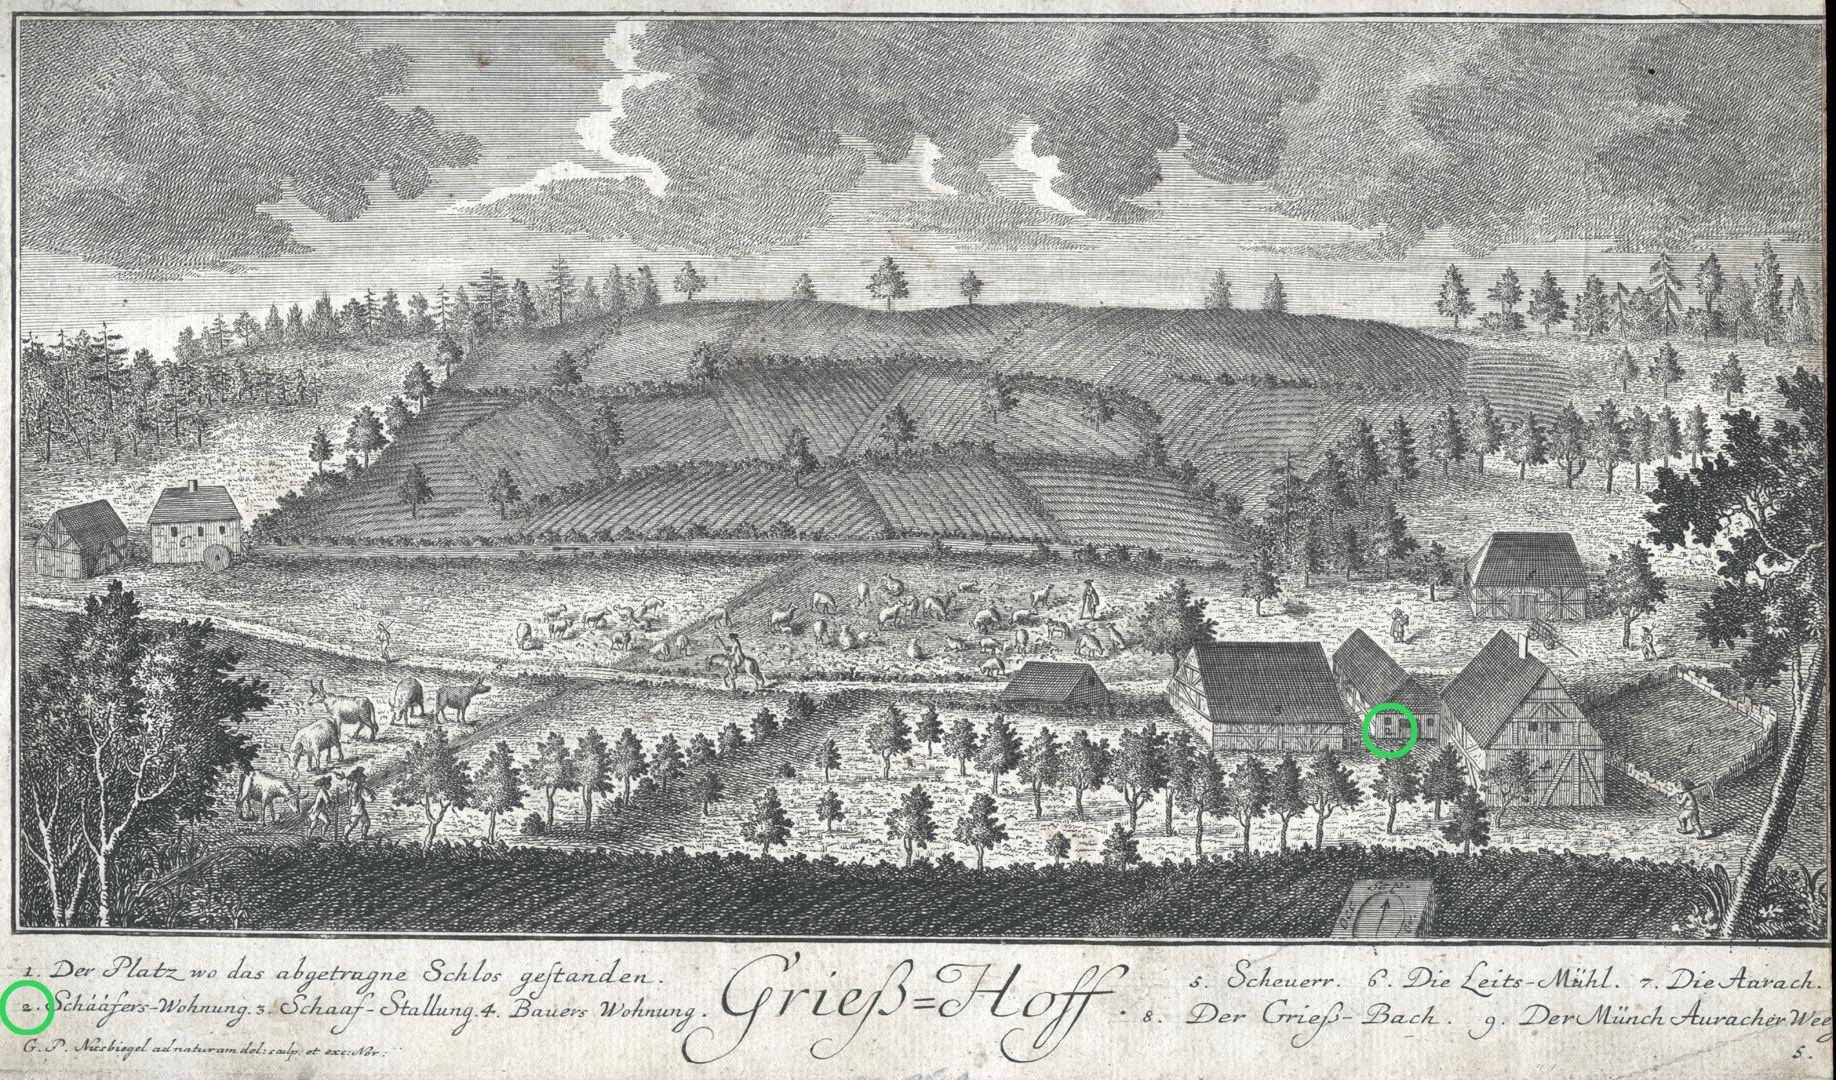 Grieß=Hoff  (Griess farm) Shepherds quarters